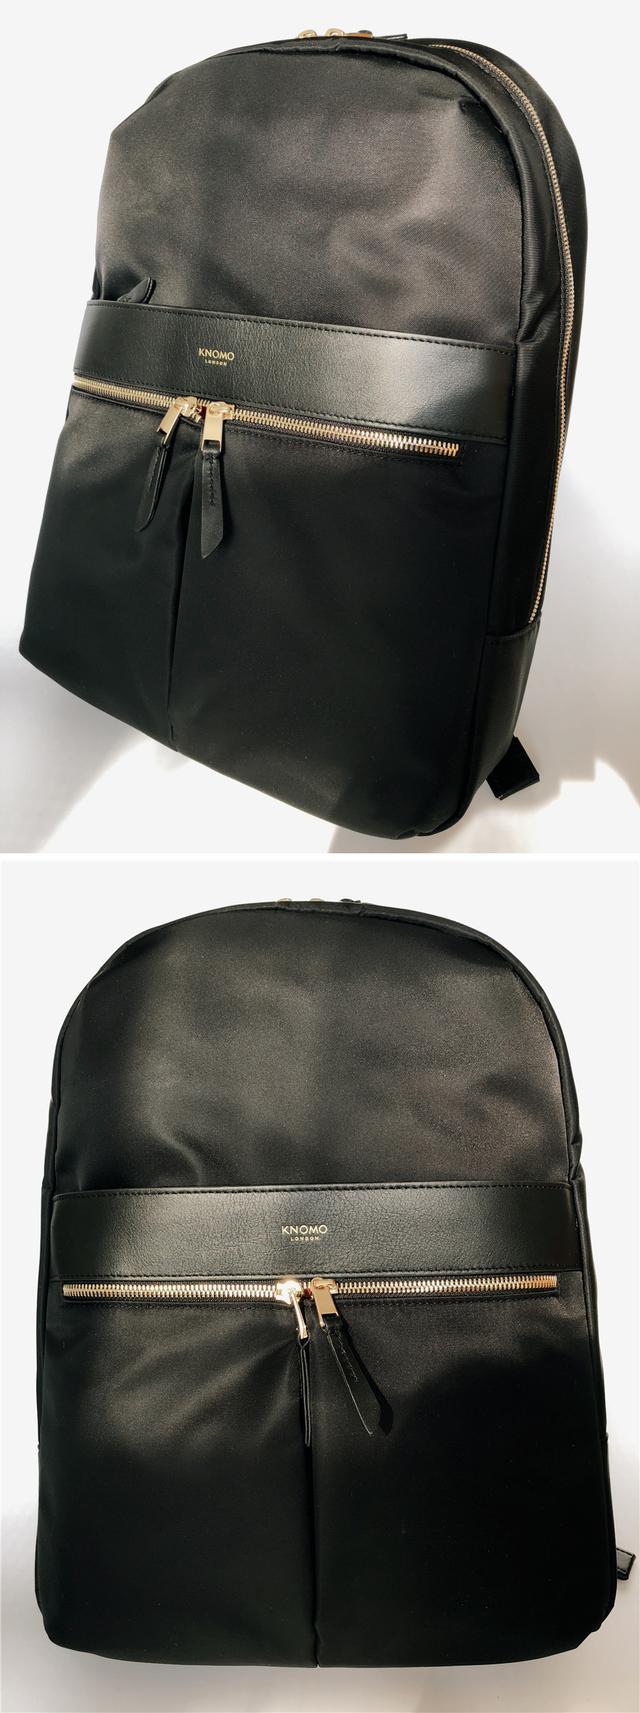 英国伦敦品牌KNOMO包包 上班旅行两不误